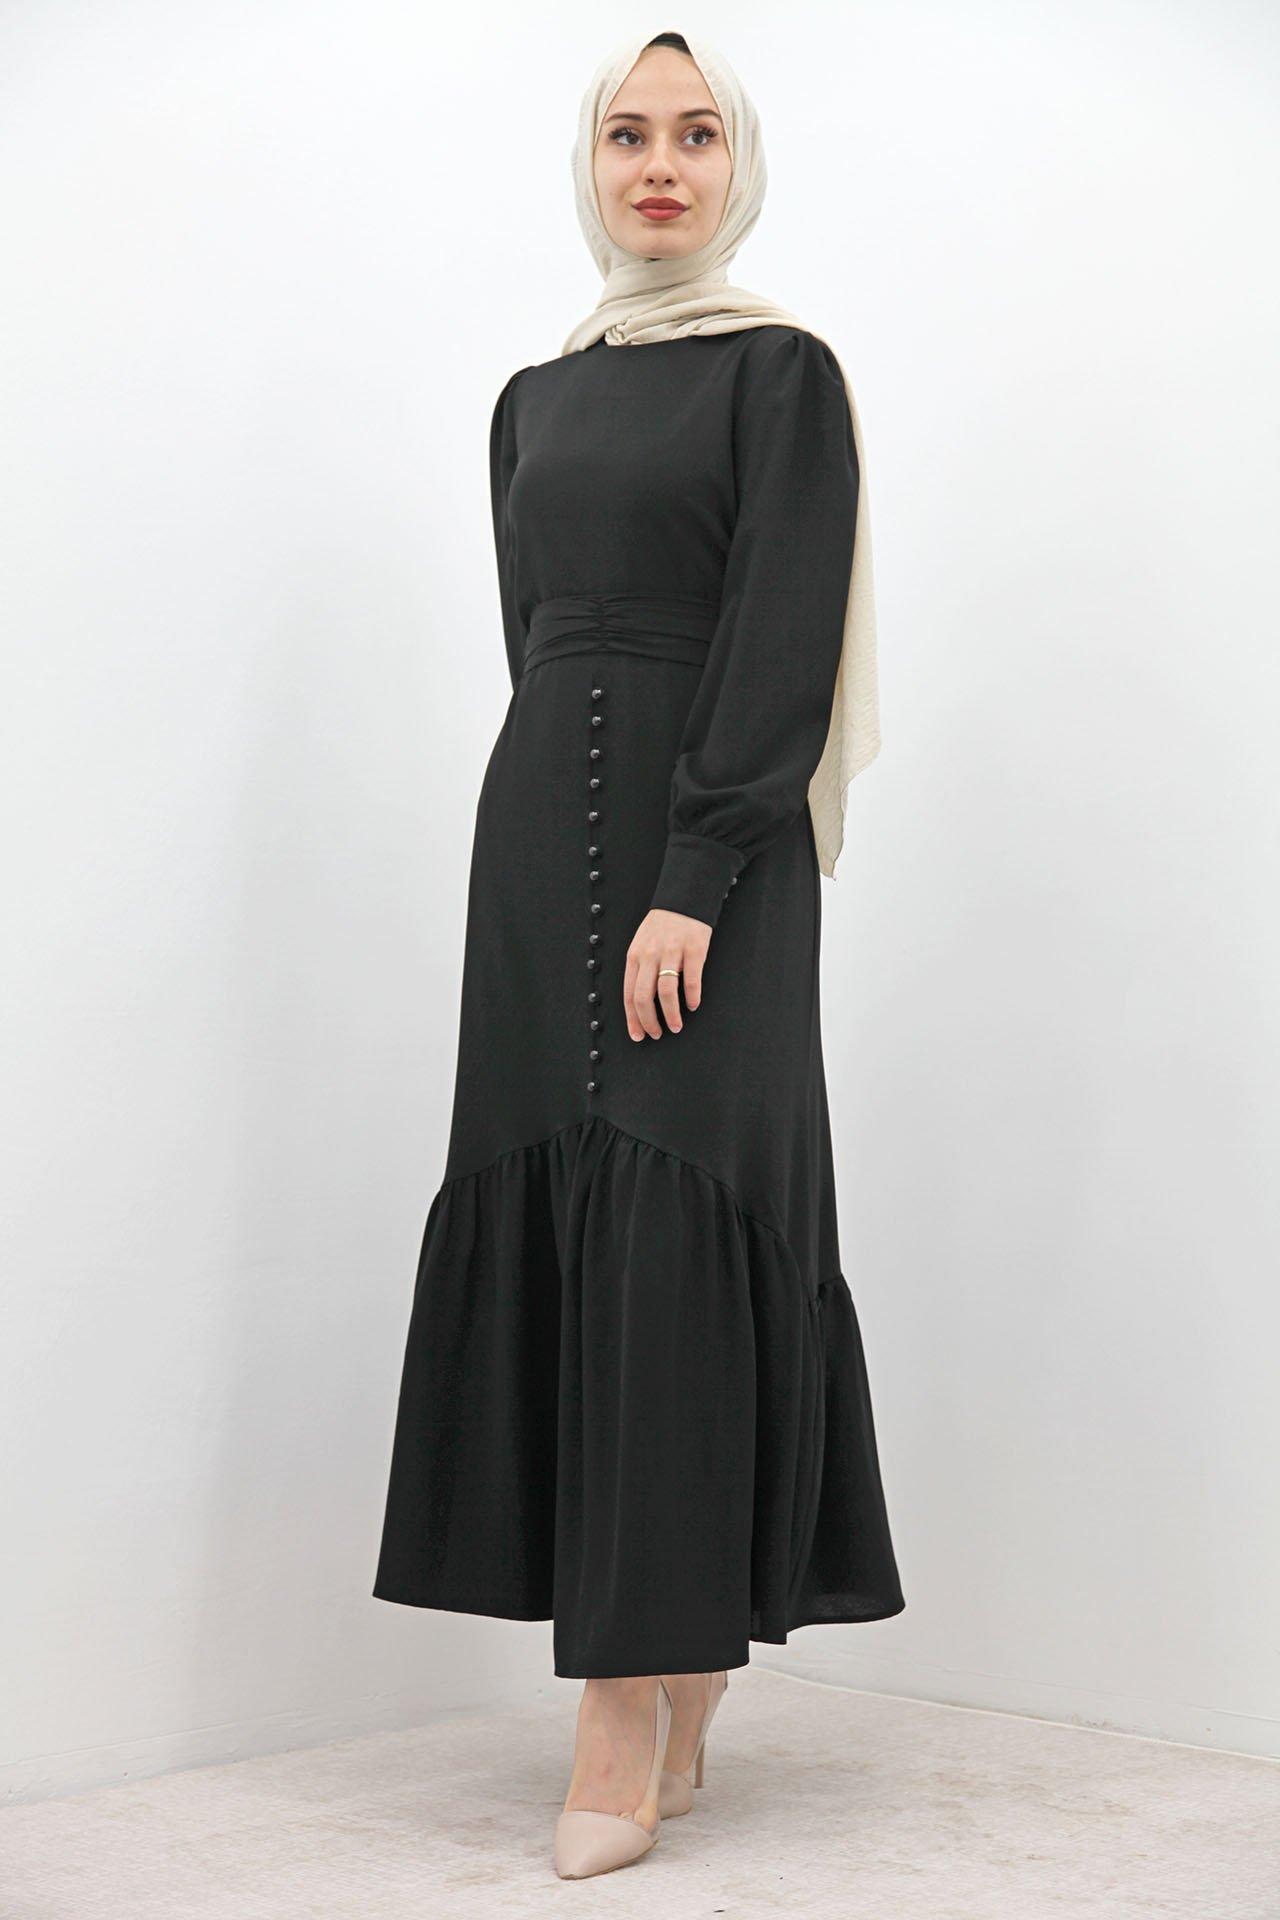 GİZAGİYİM - Düğme Detaylı Kuşaklı Elbise Siyah